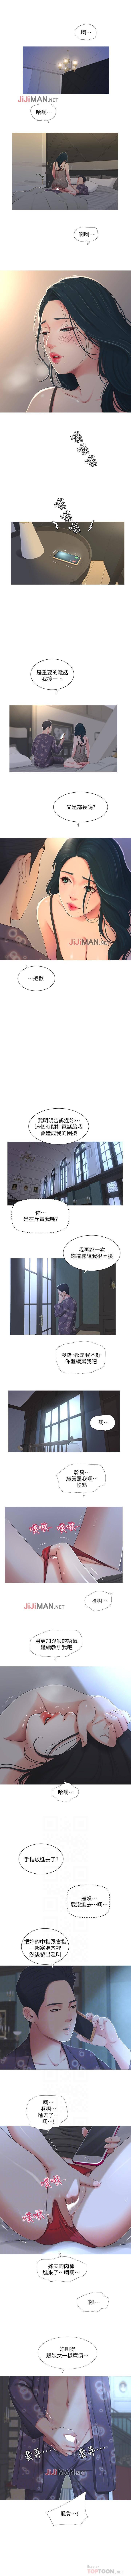 【周四连载】亲家四姐妹(作者:愛摸) 第1~37话 13